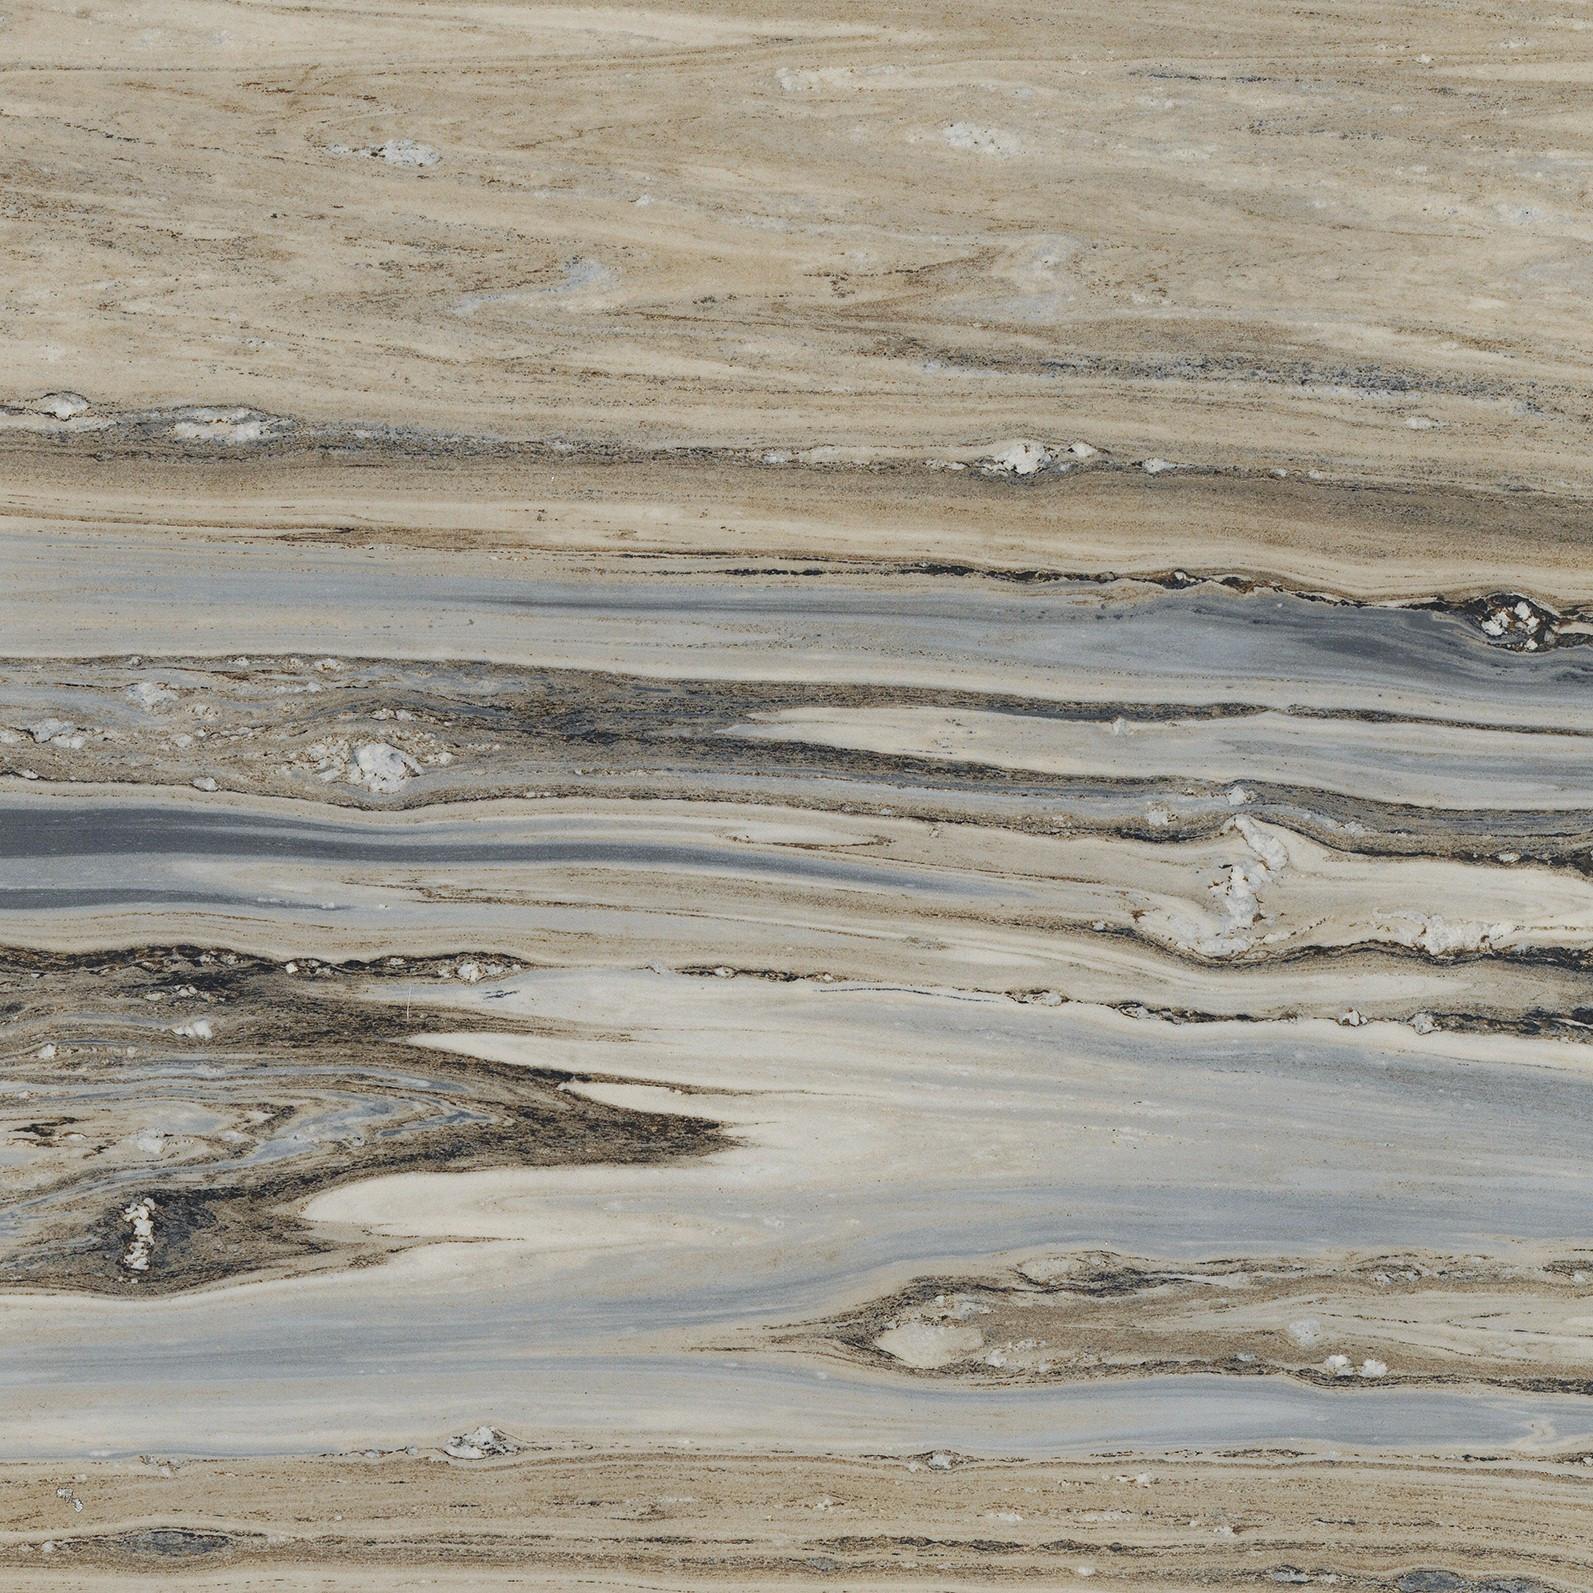 新濠陶瓷·大理石系列·蓝金沙X2SD805001